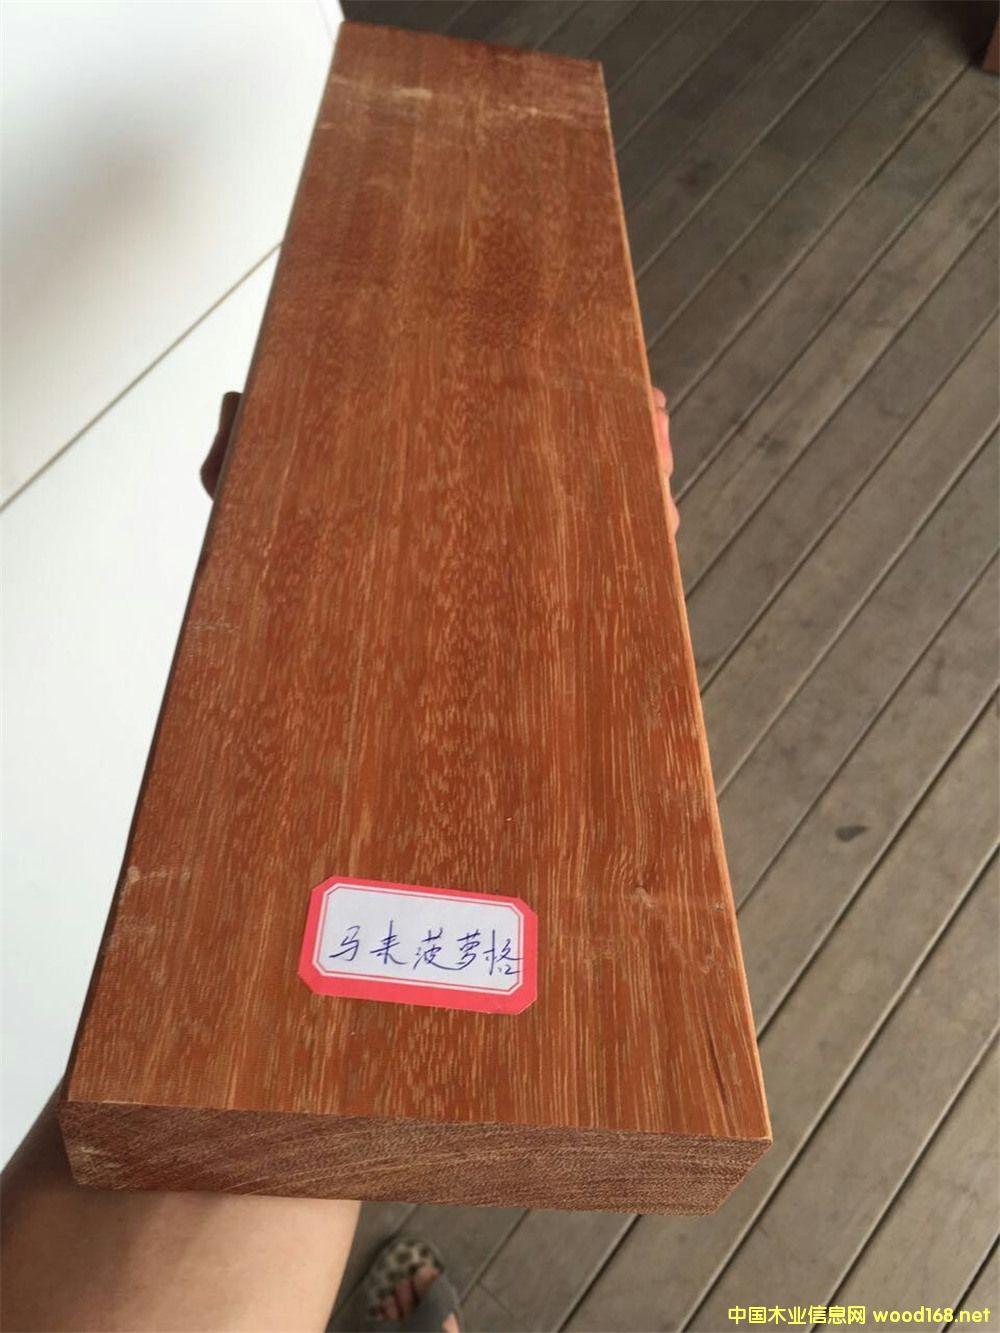 中国最大的木材交易中心 东莞市鱼珠木材加工交易中心 中国木业资讯中心